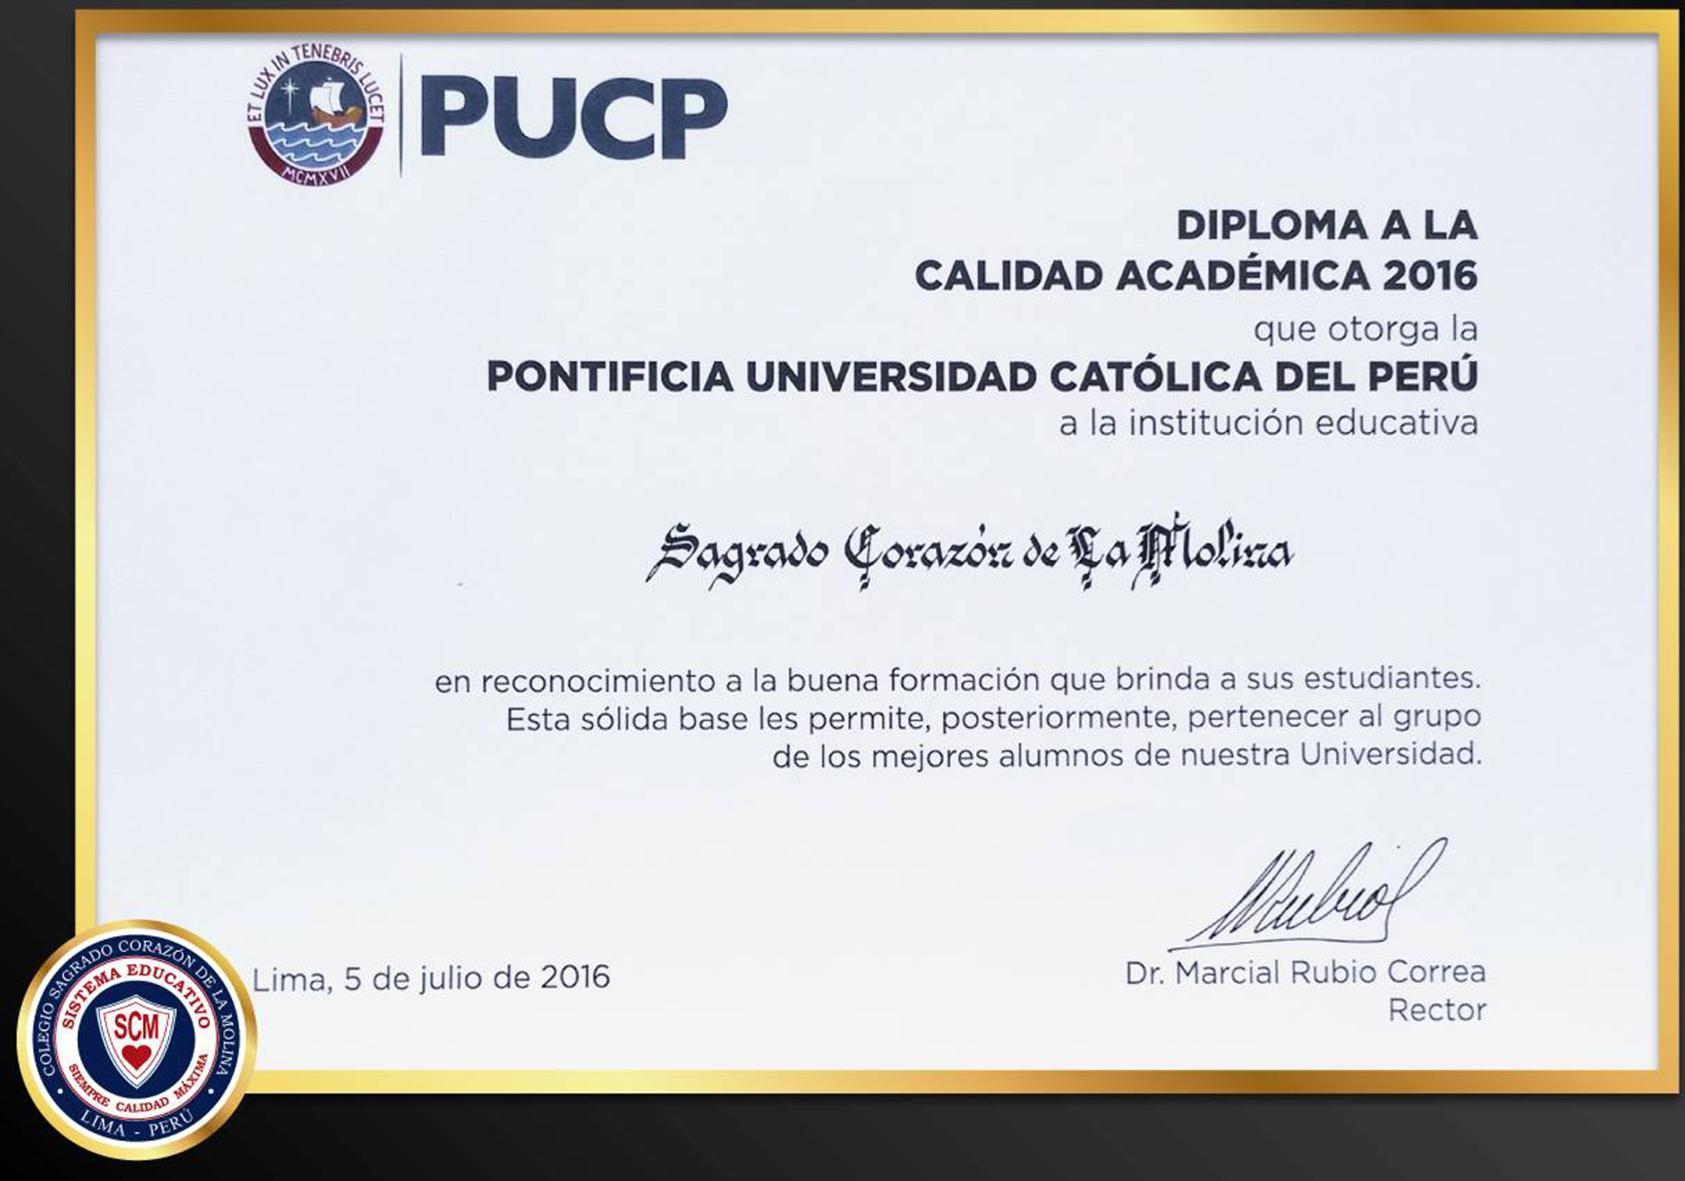 PUCP 2016